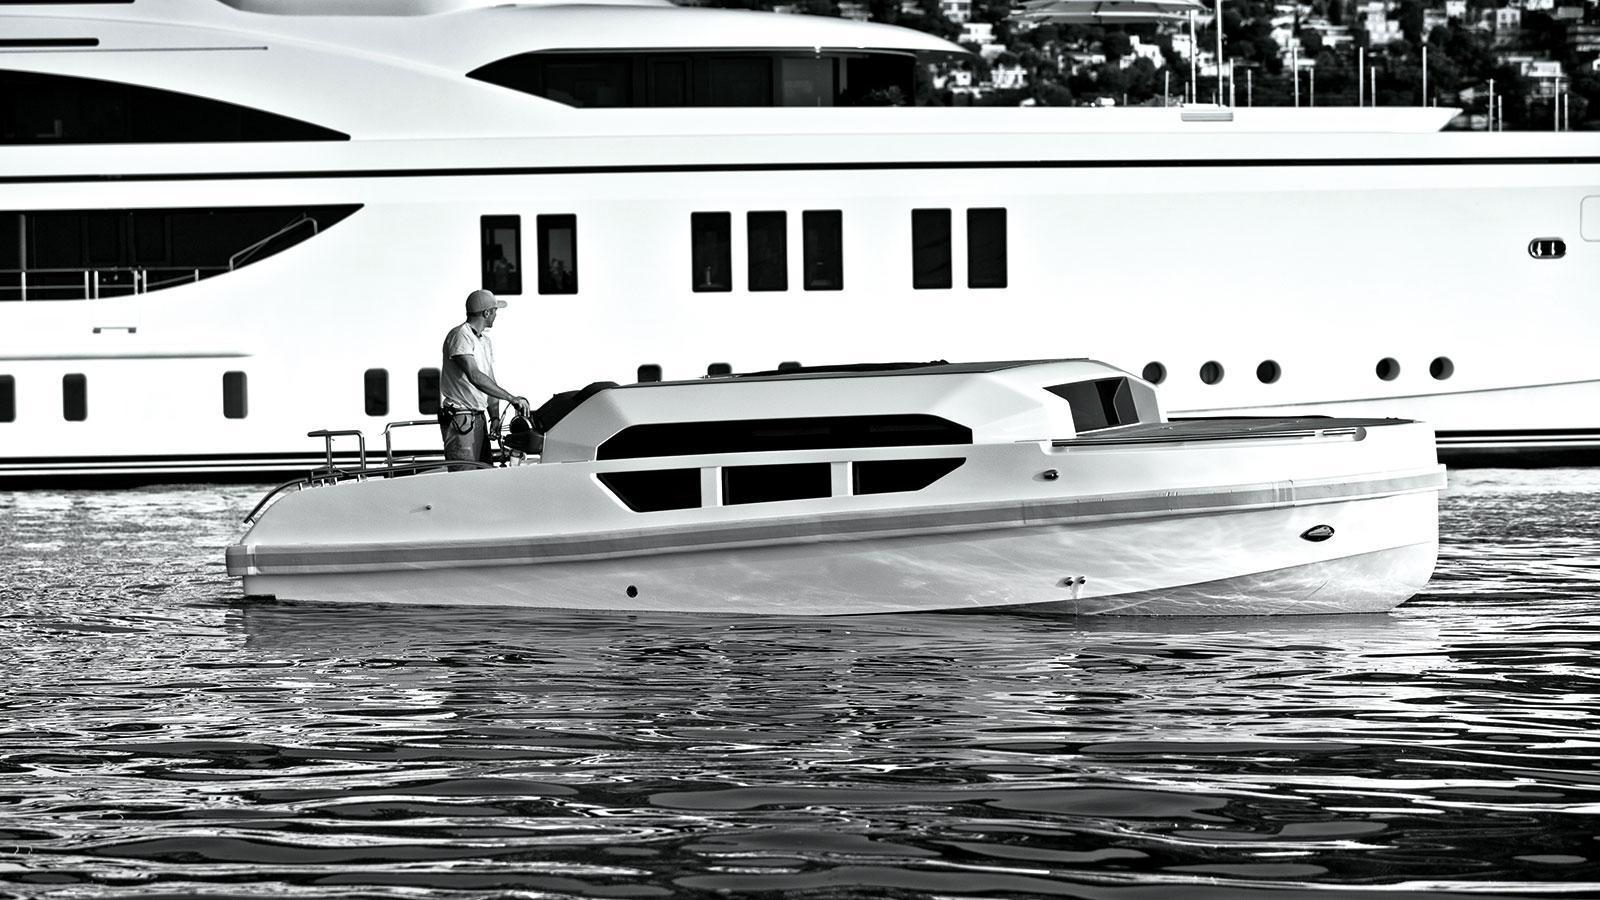 1111-motor-yacht-benetti-2015-63m-stern-side